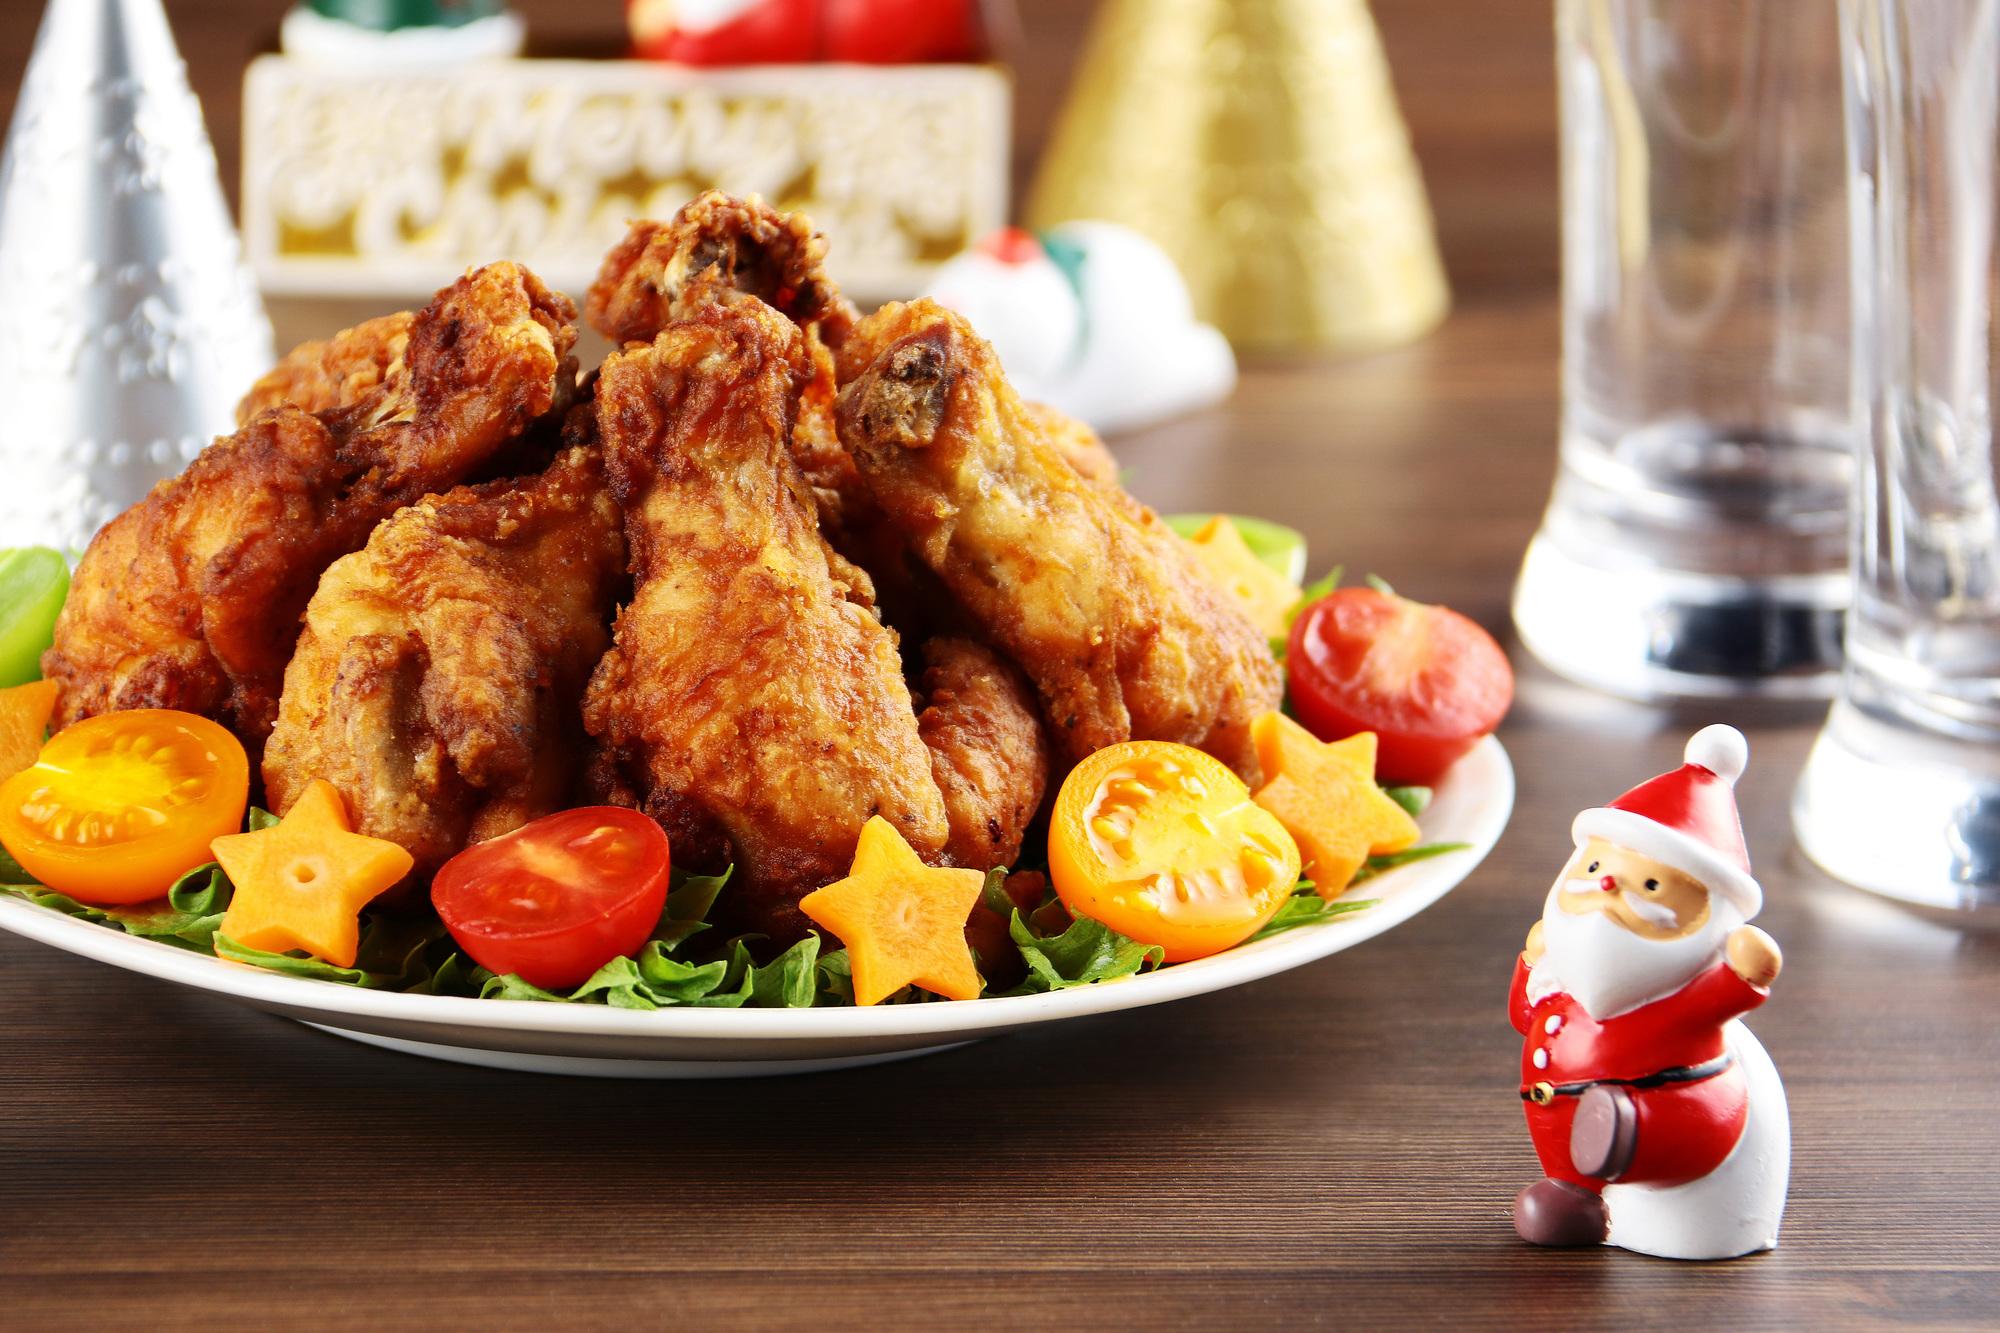 【ママ友とクリスマス会♪】あなたは大丈夫?トラブル回避のためにやってはいけないNG行動!